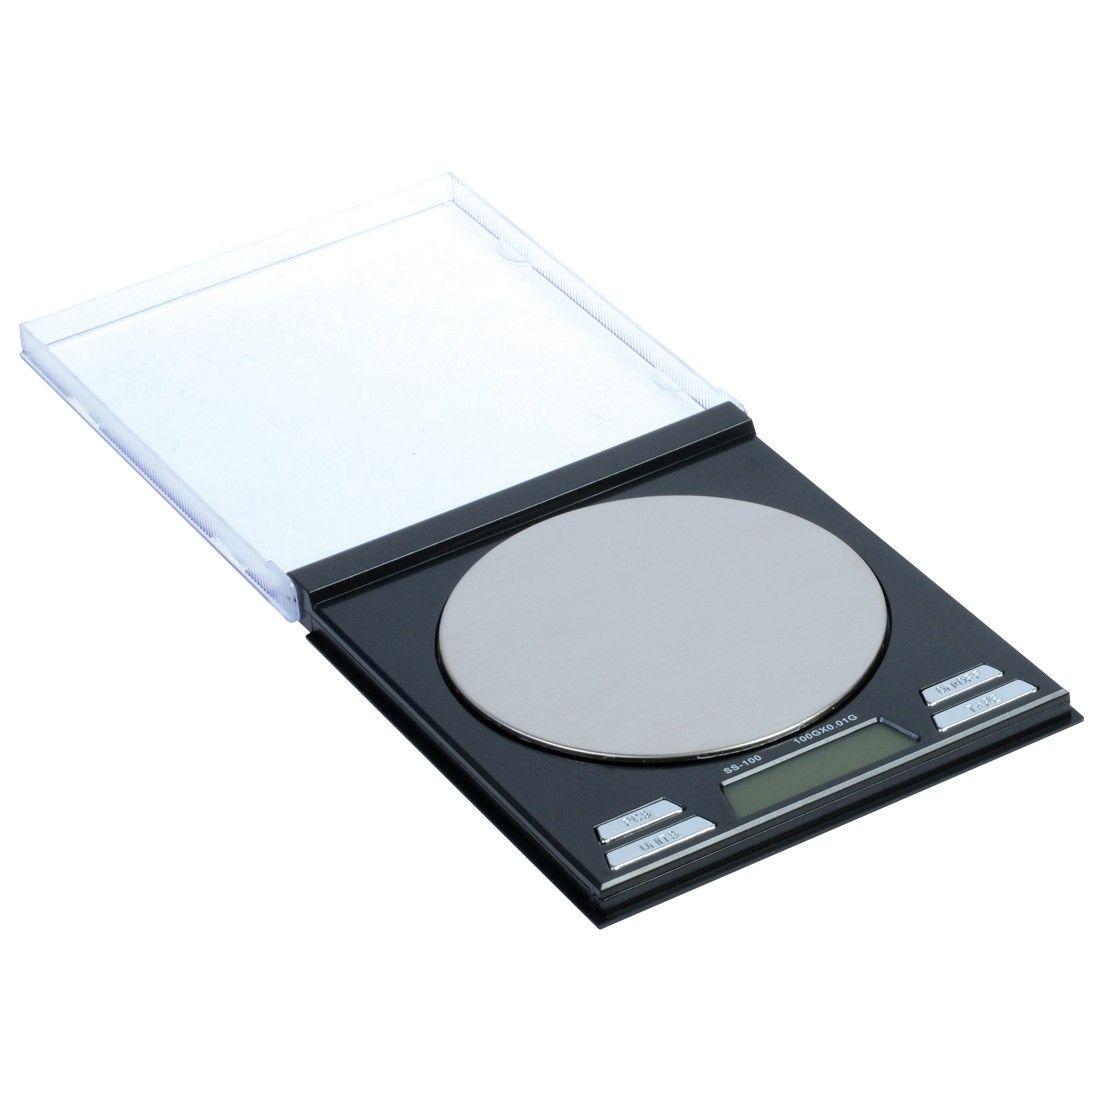 balance cd lectronique de pr cision acheter balance cd pas cher balance de poche. Black Bedroom Furniture Sets. Home Design Ideas